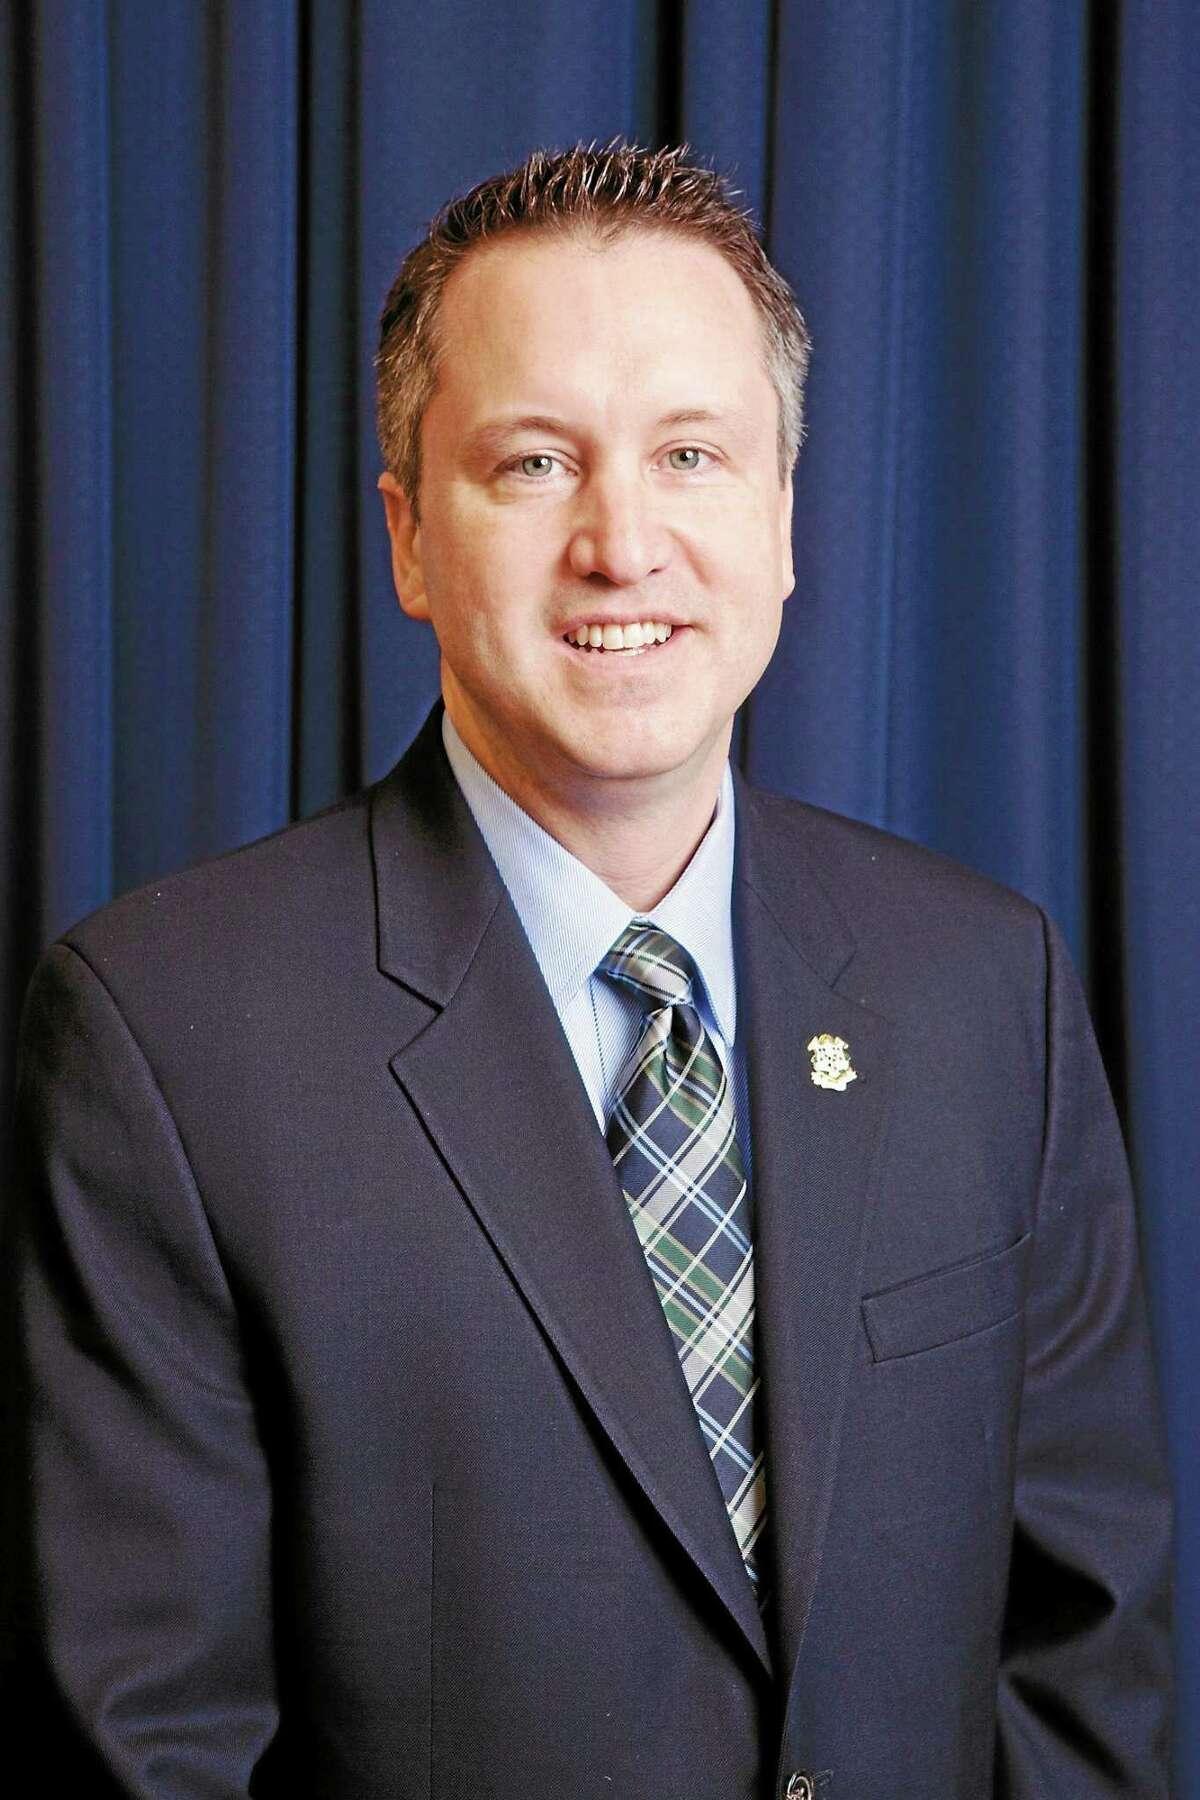 State Sen. Rob Kane